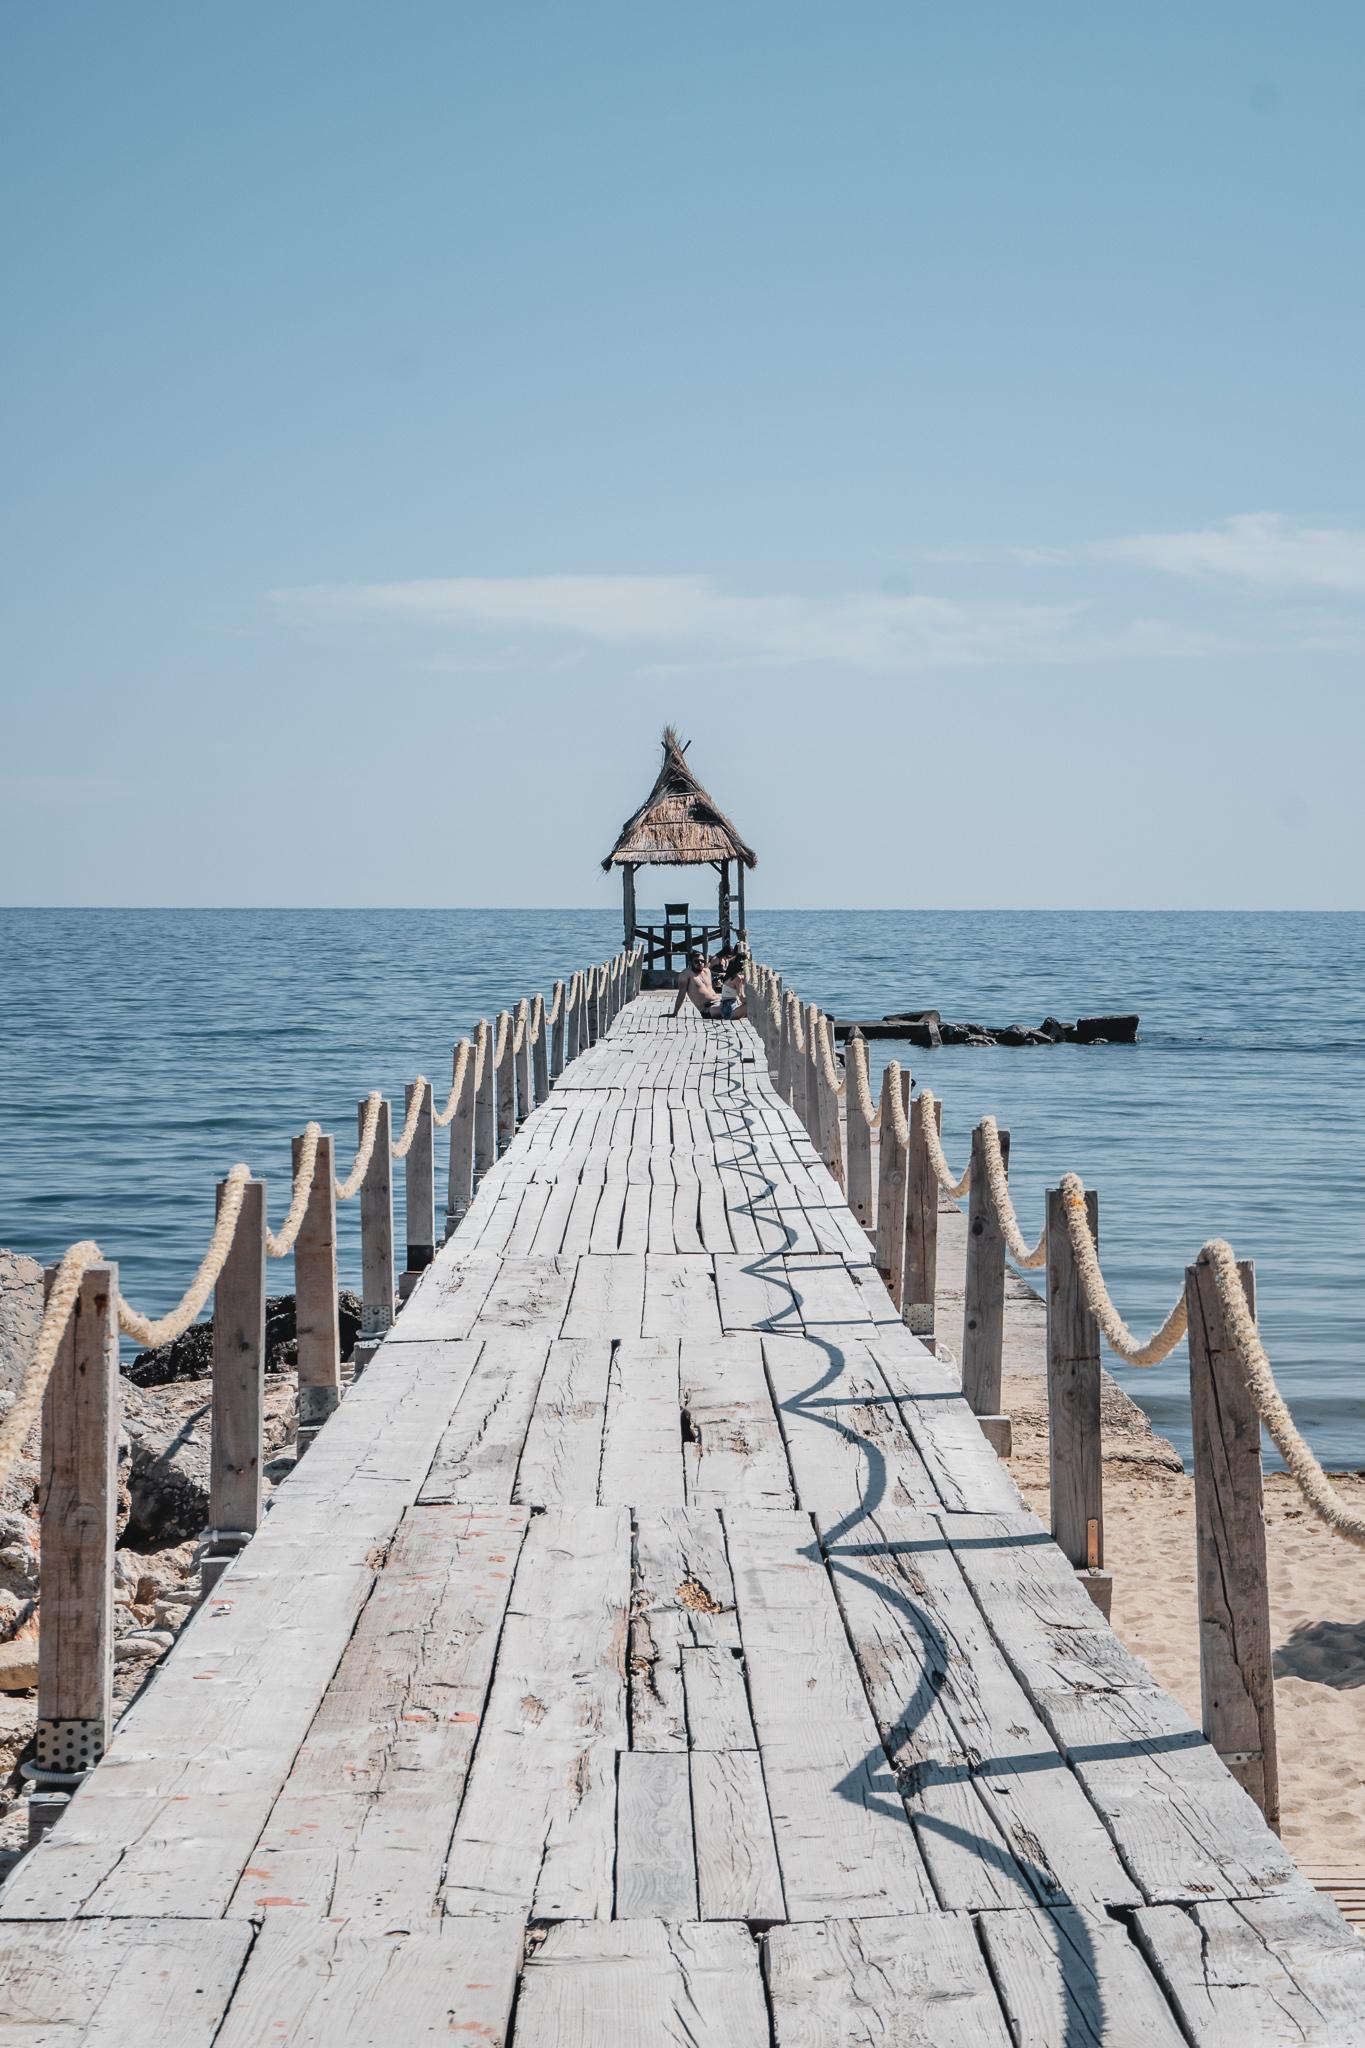 11 Tipps, wie du im Urlaub das Meer schützen kannst